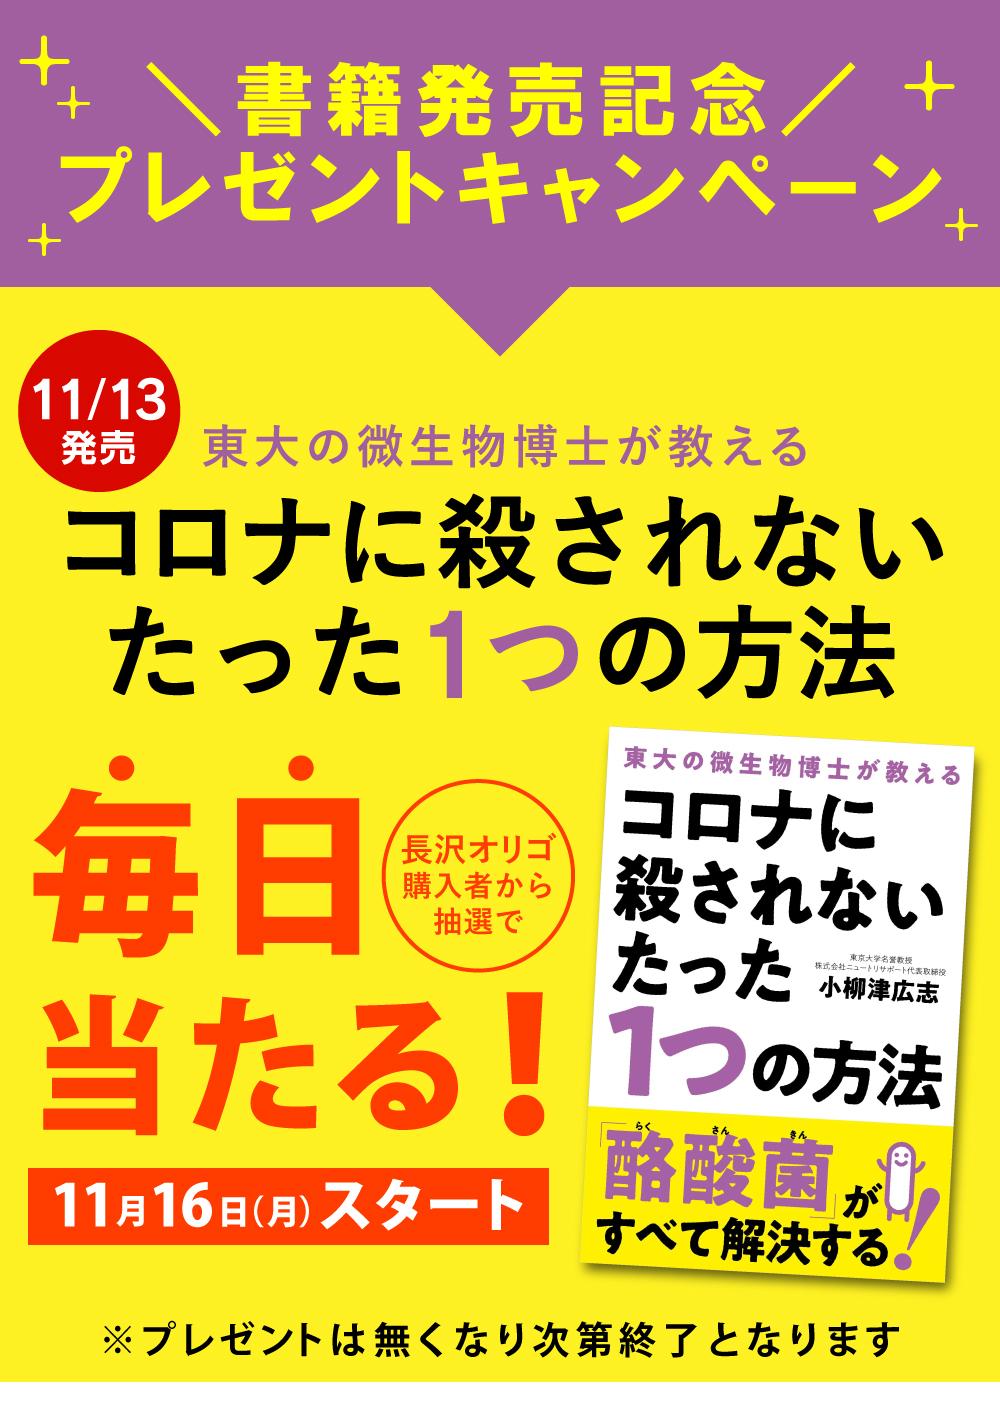 長沢オリゴ関連書籍 コロナに殺されないたった1つの方法 発売記念キャンペーン